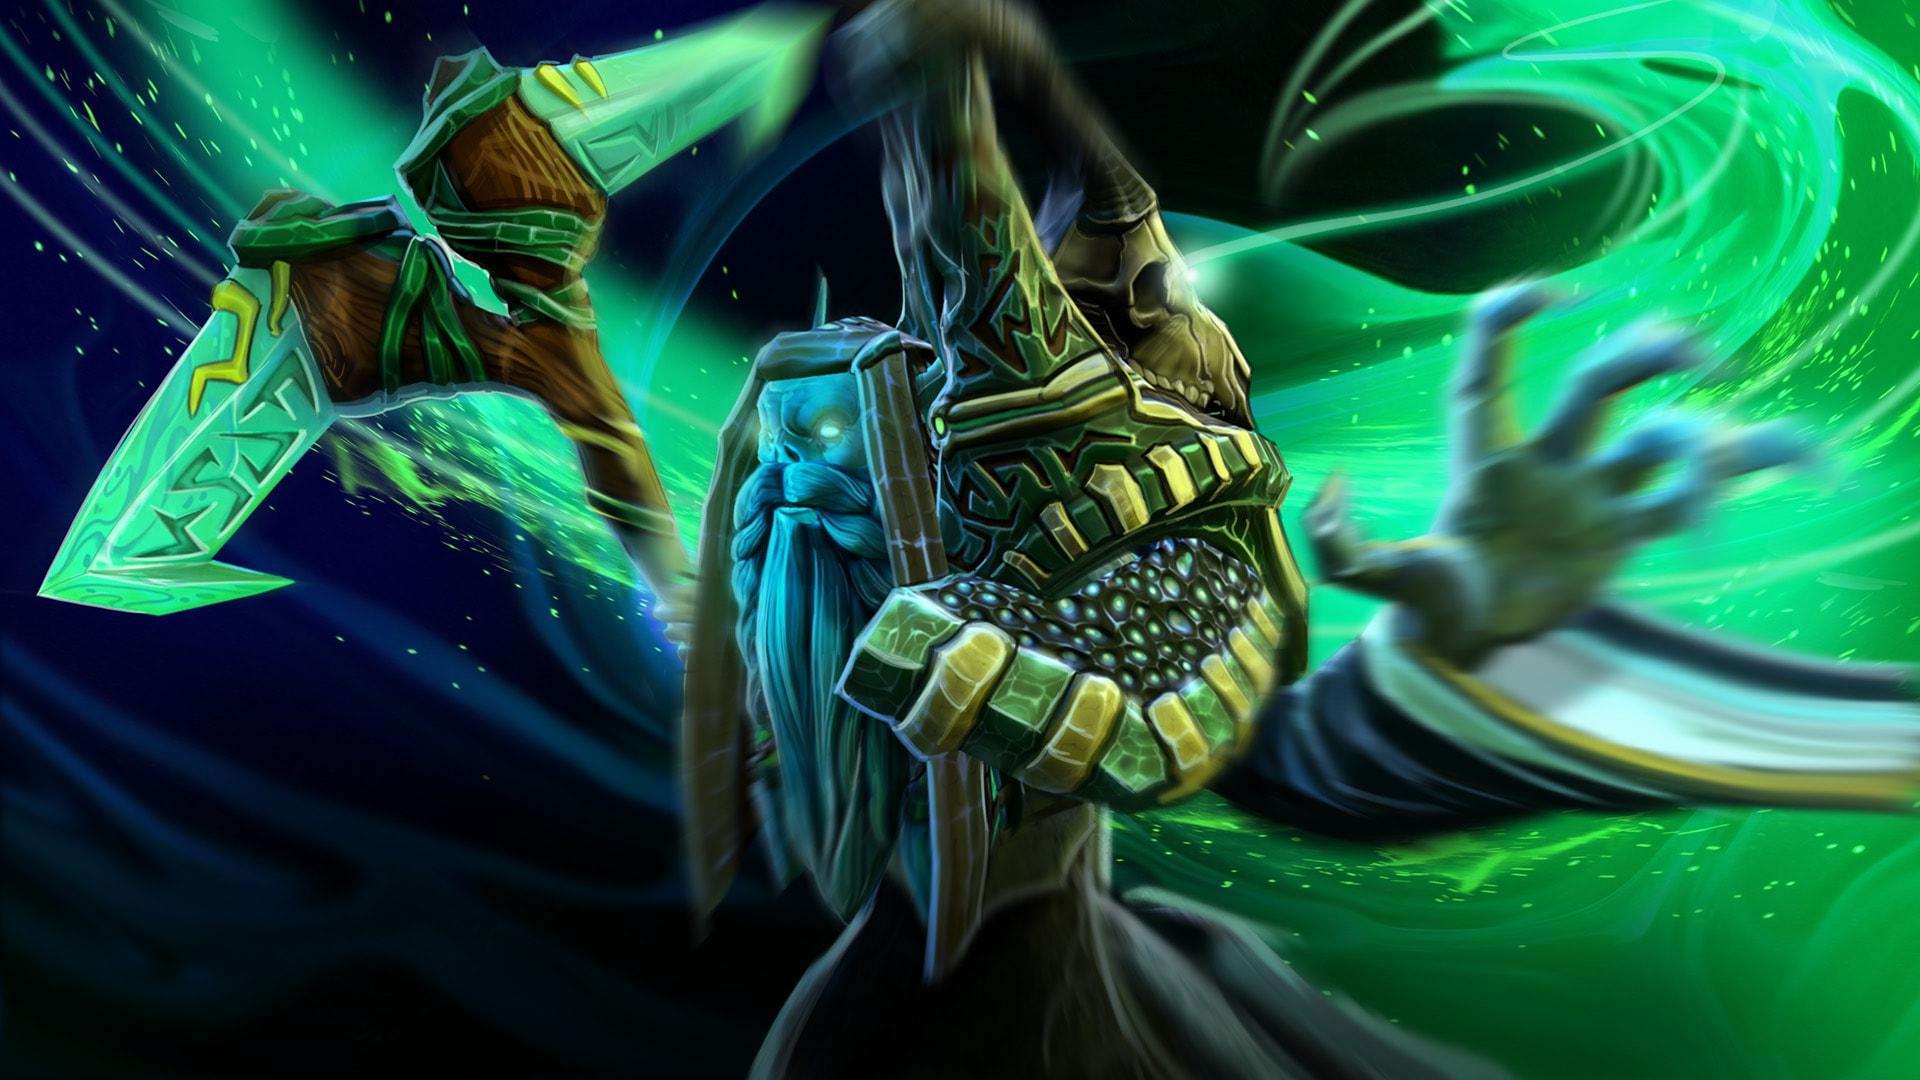 Dota2 : Necrophos Background